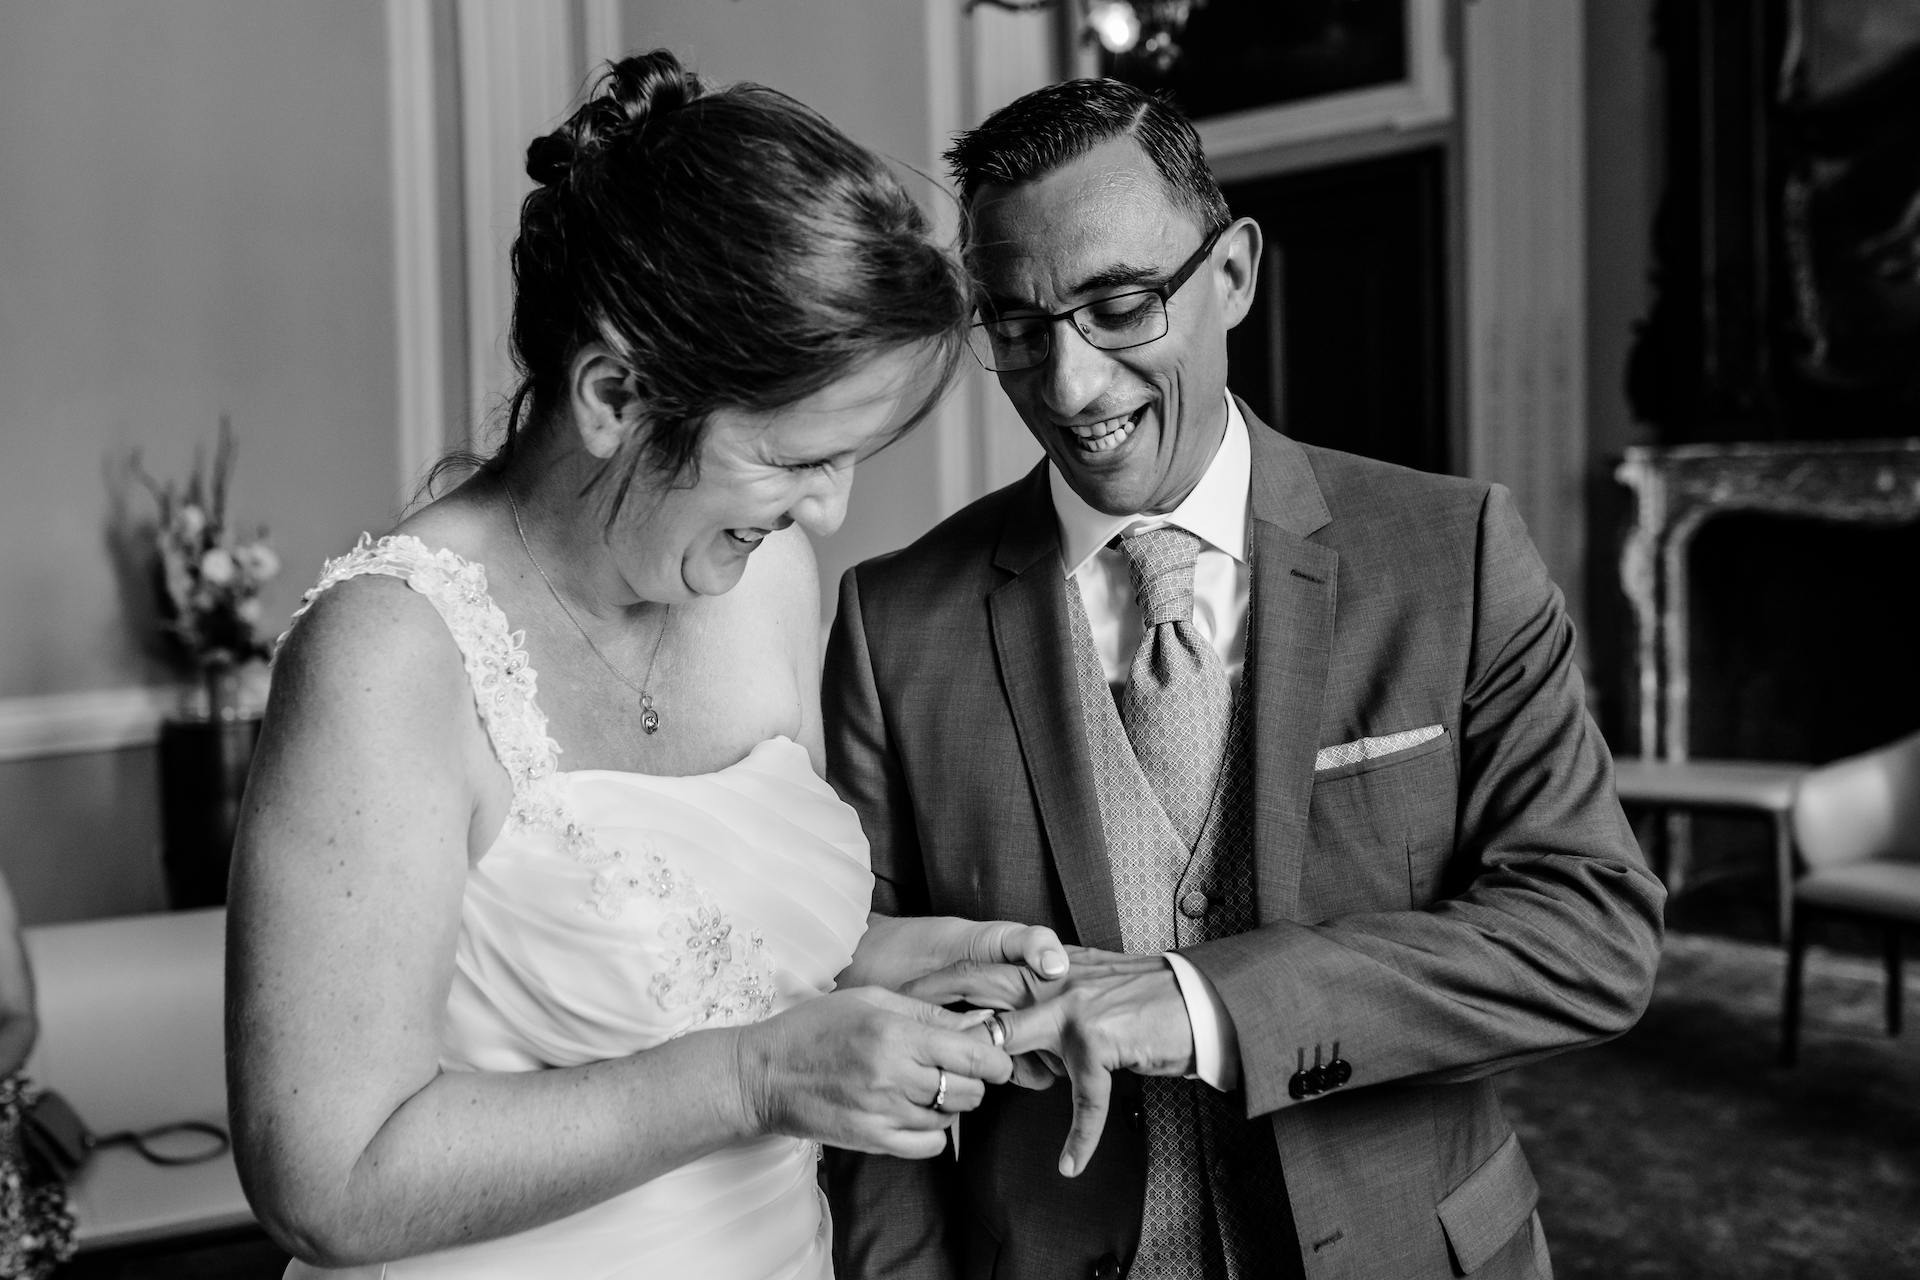 Ayuntamiento de Sint-Truiden, Bruselas, Bélgica Imagen de fuga | La pareja se ríe mientras intenta poner su anillo de bodas en su dedo.